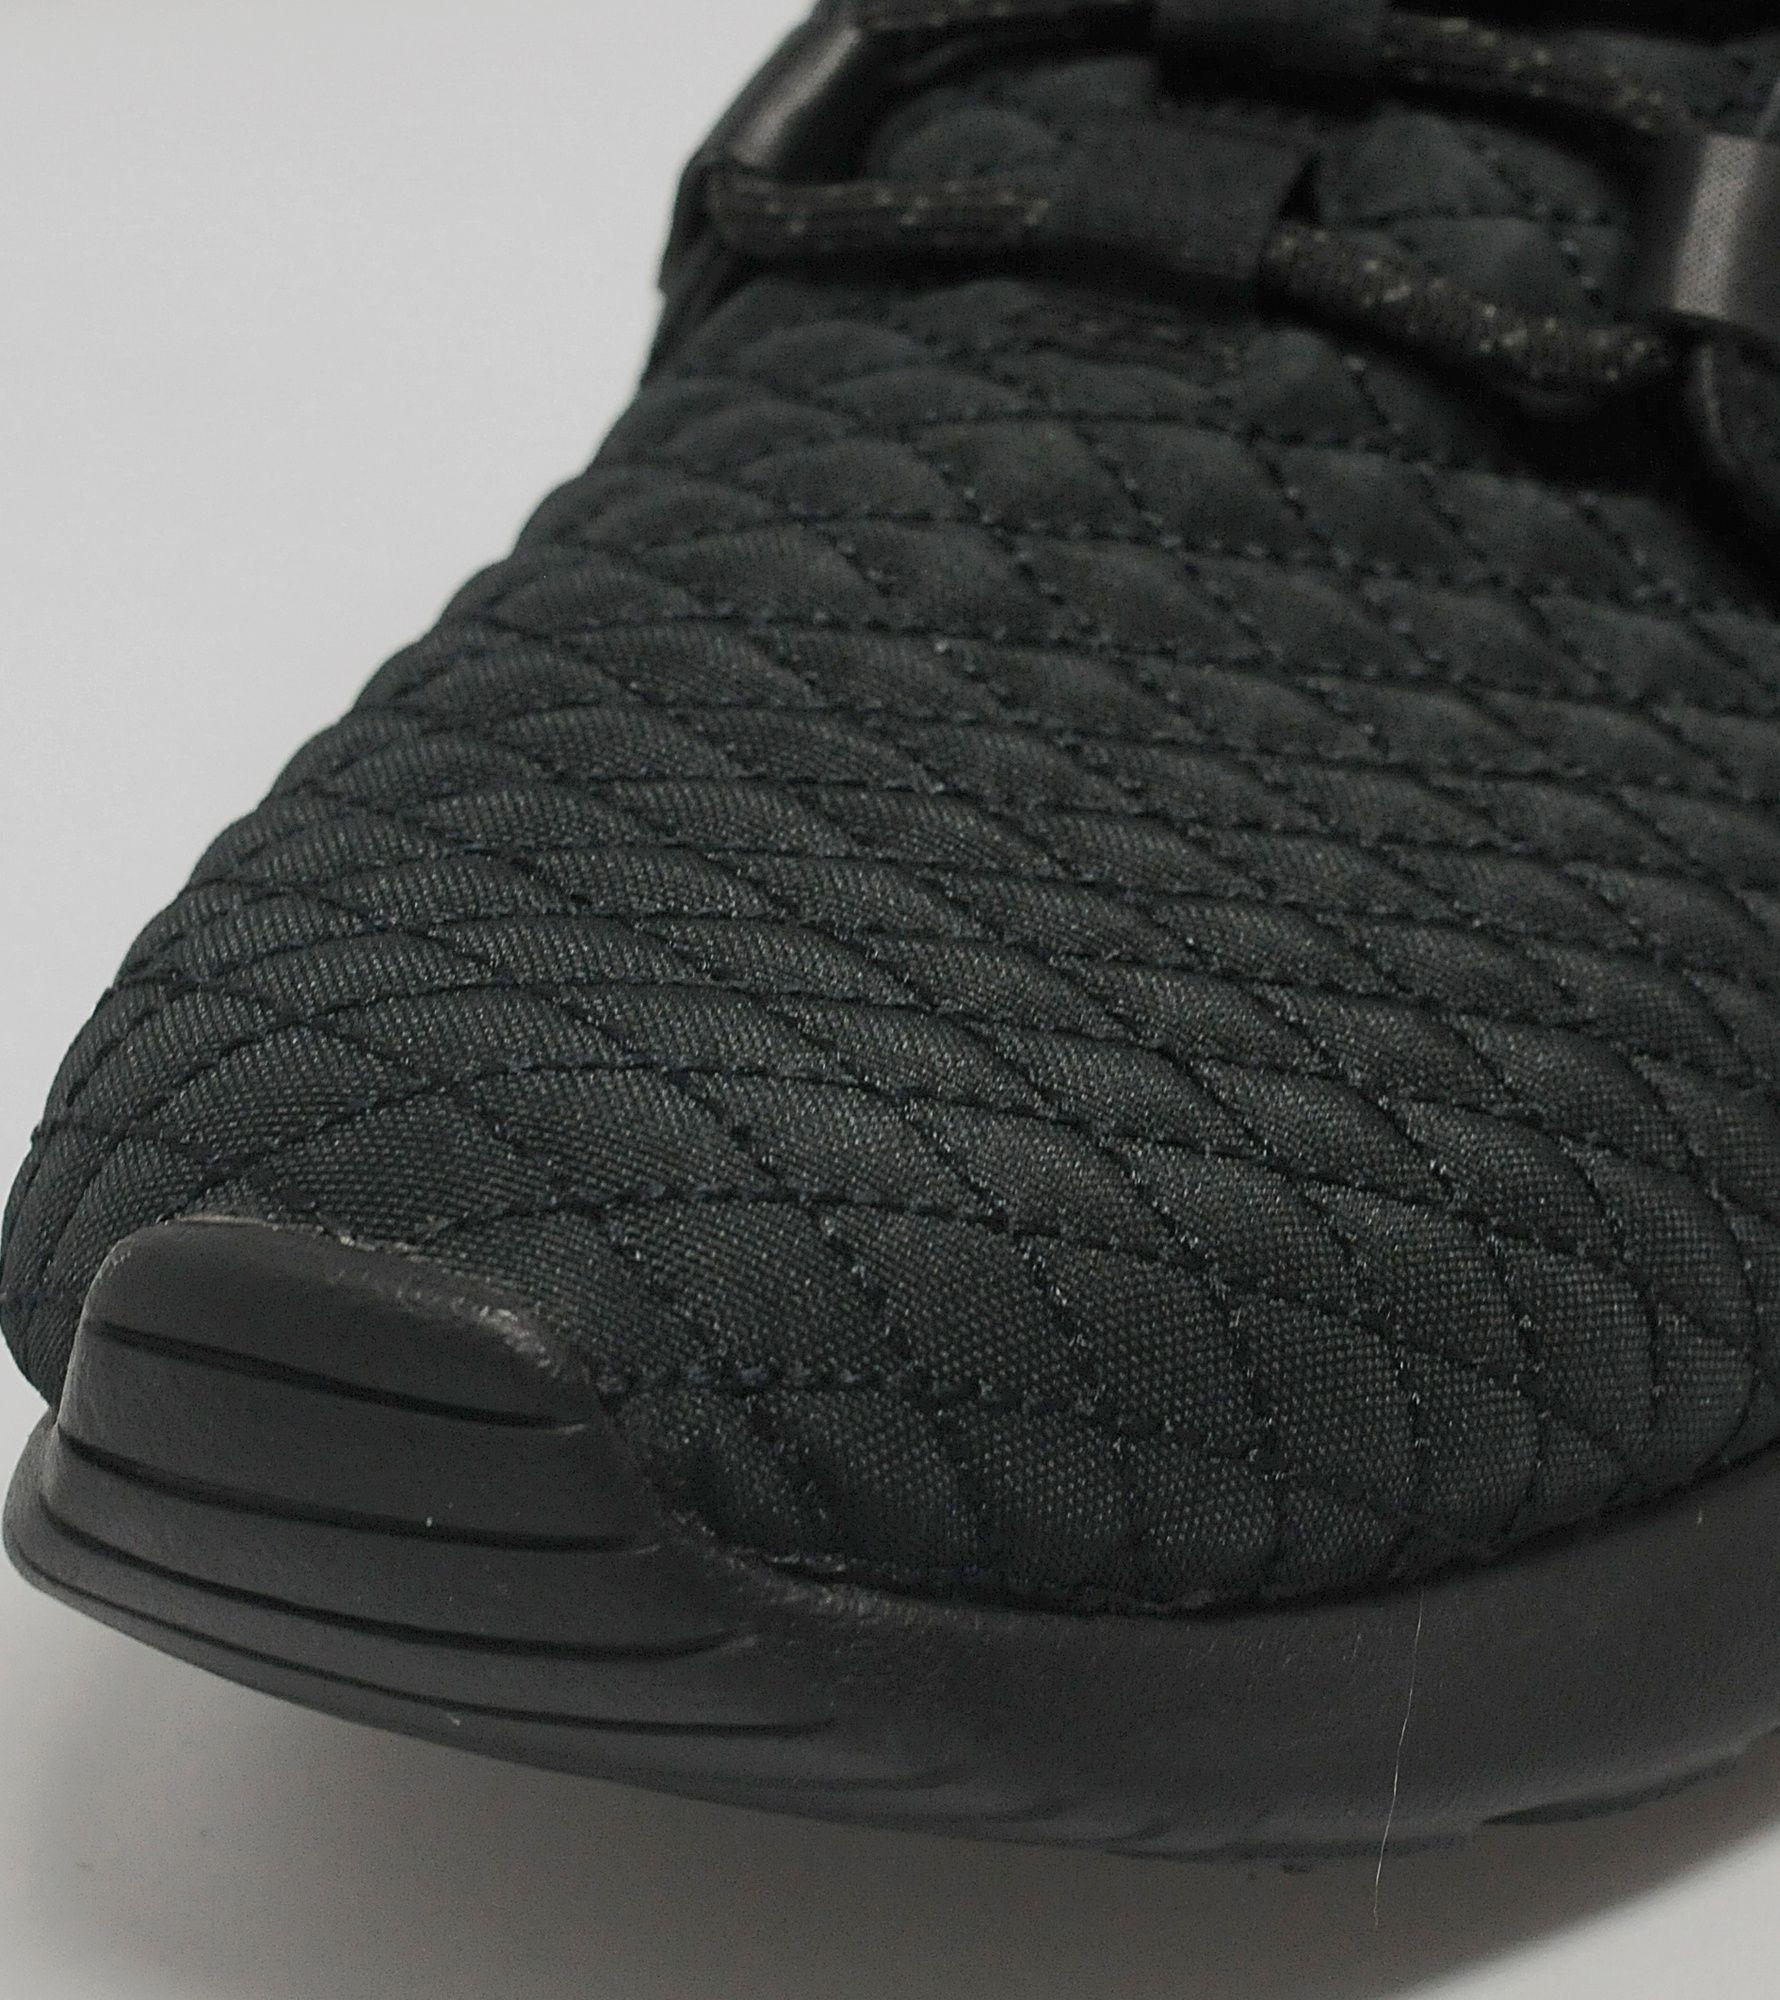 Nike Roshe Run Mid 'Sneakerboot'